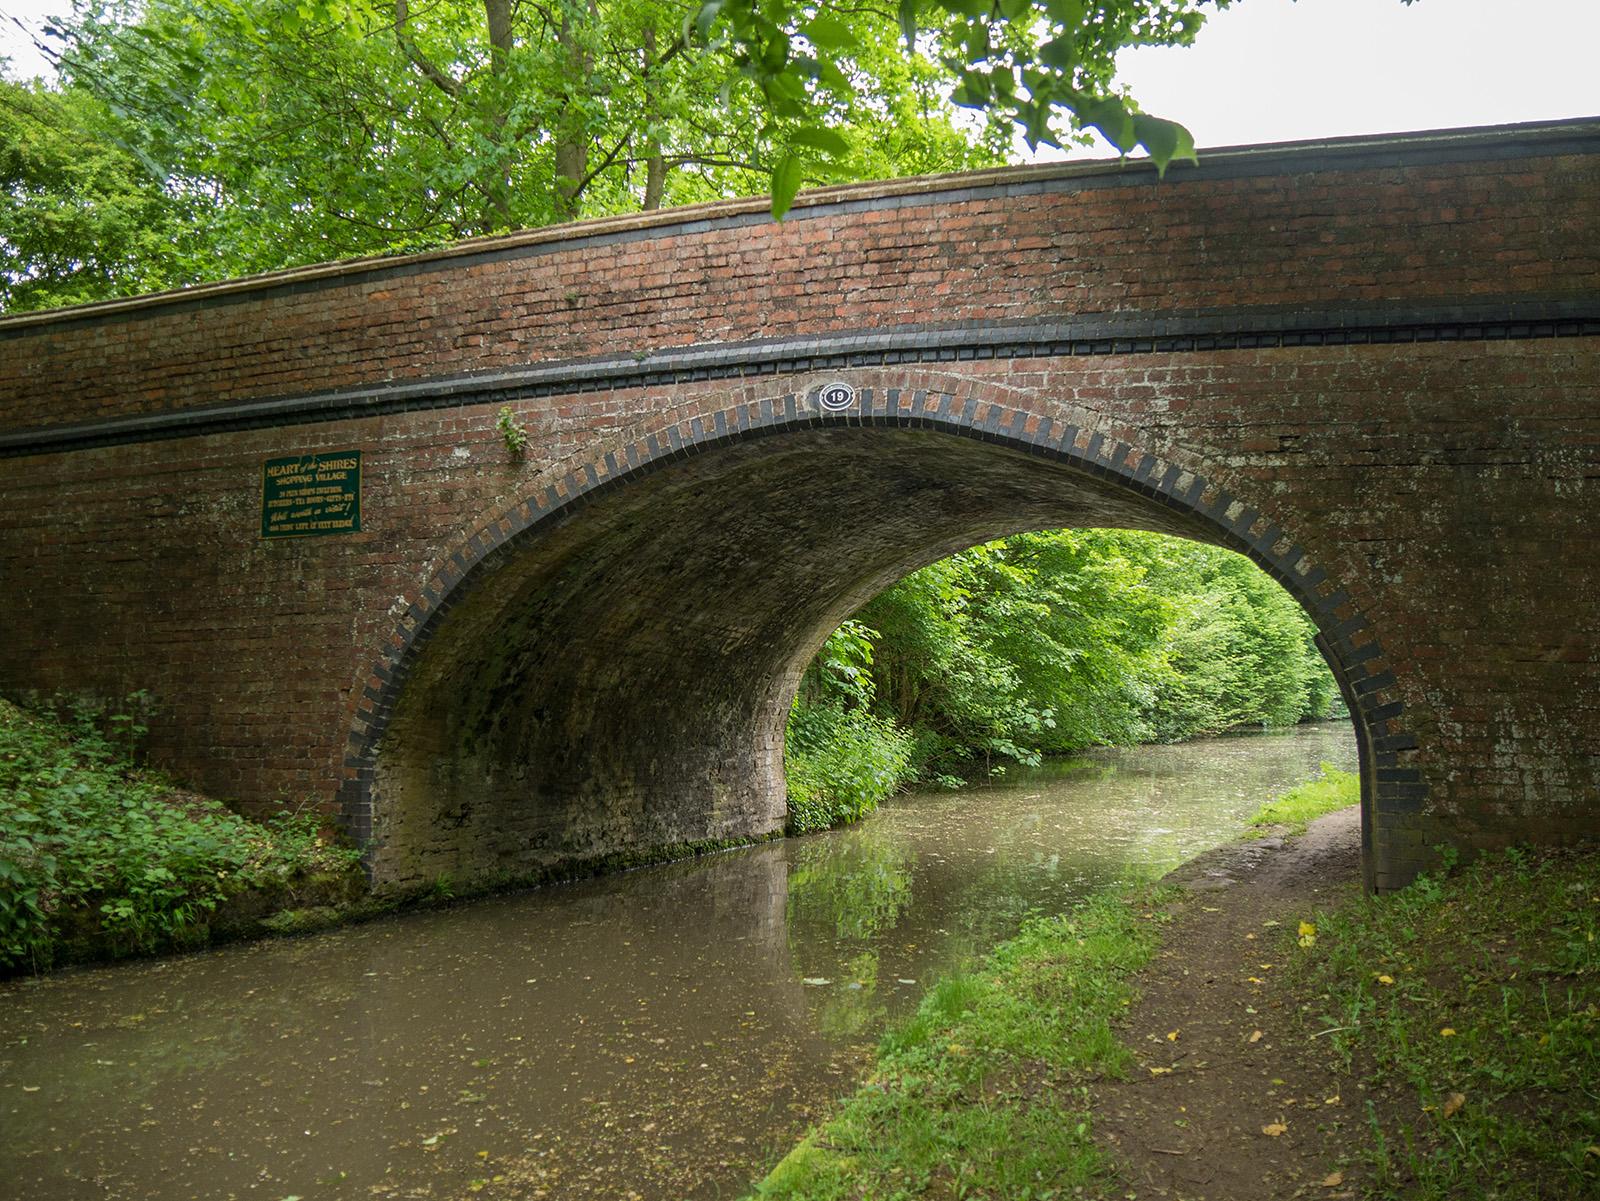 Bridge 19 - Diamond bridge